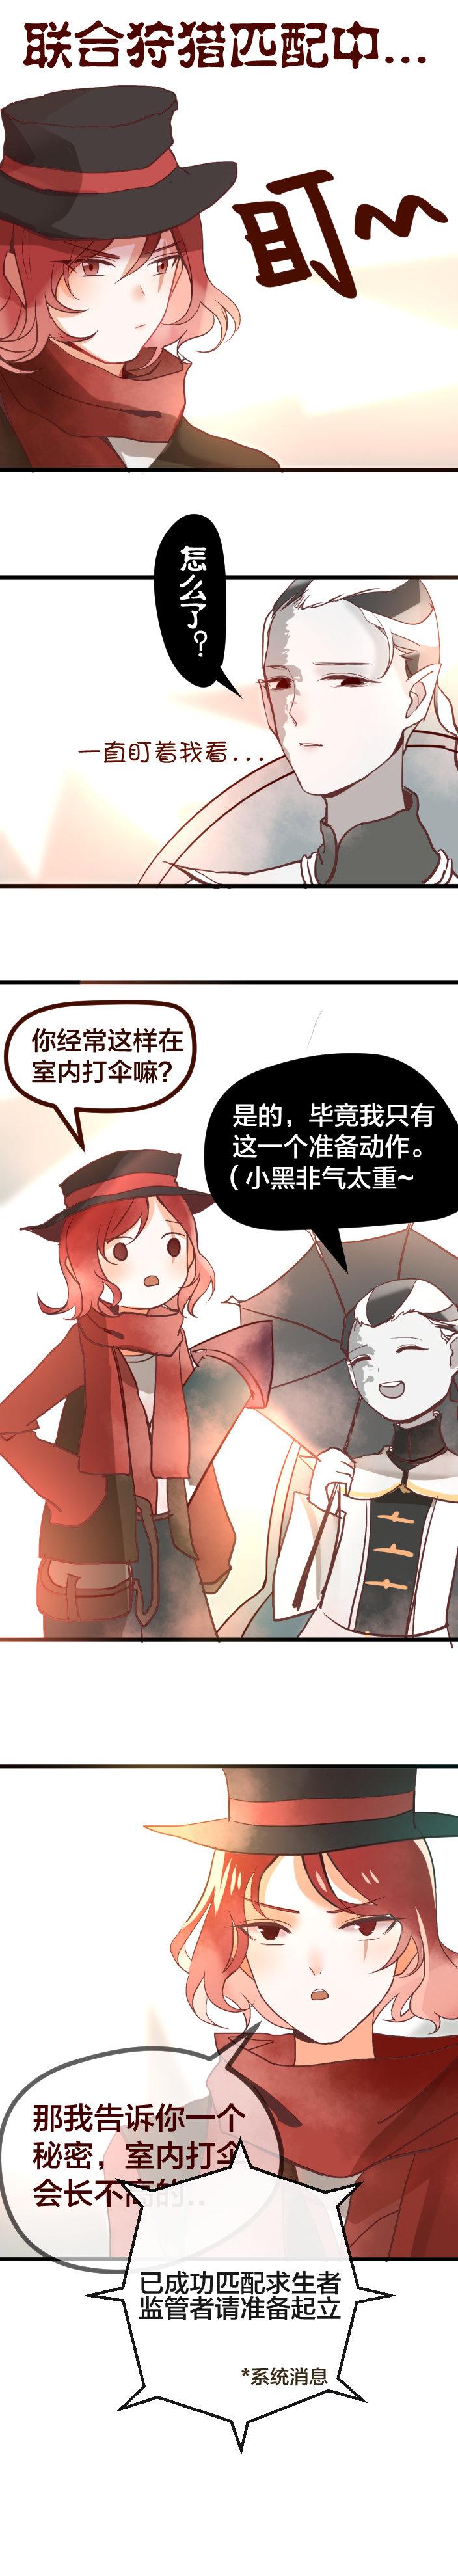 不要在室内打伞否则像宿伞之魂一样长不高哦~